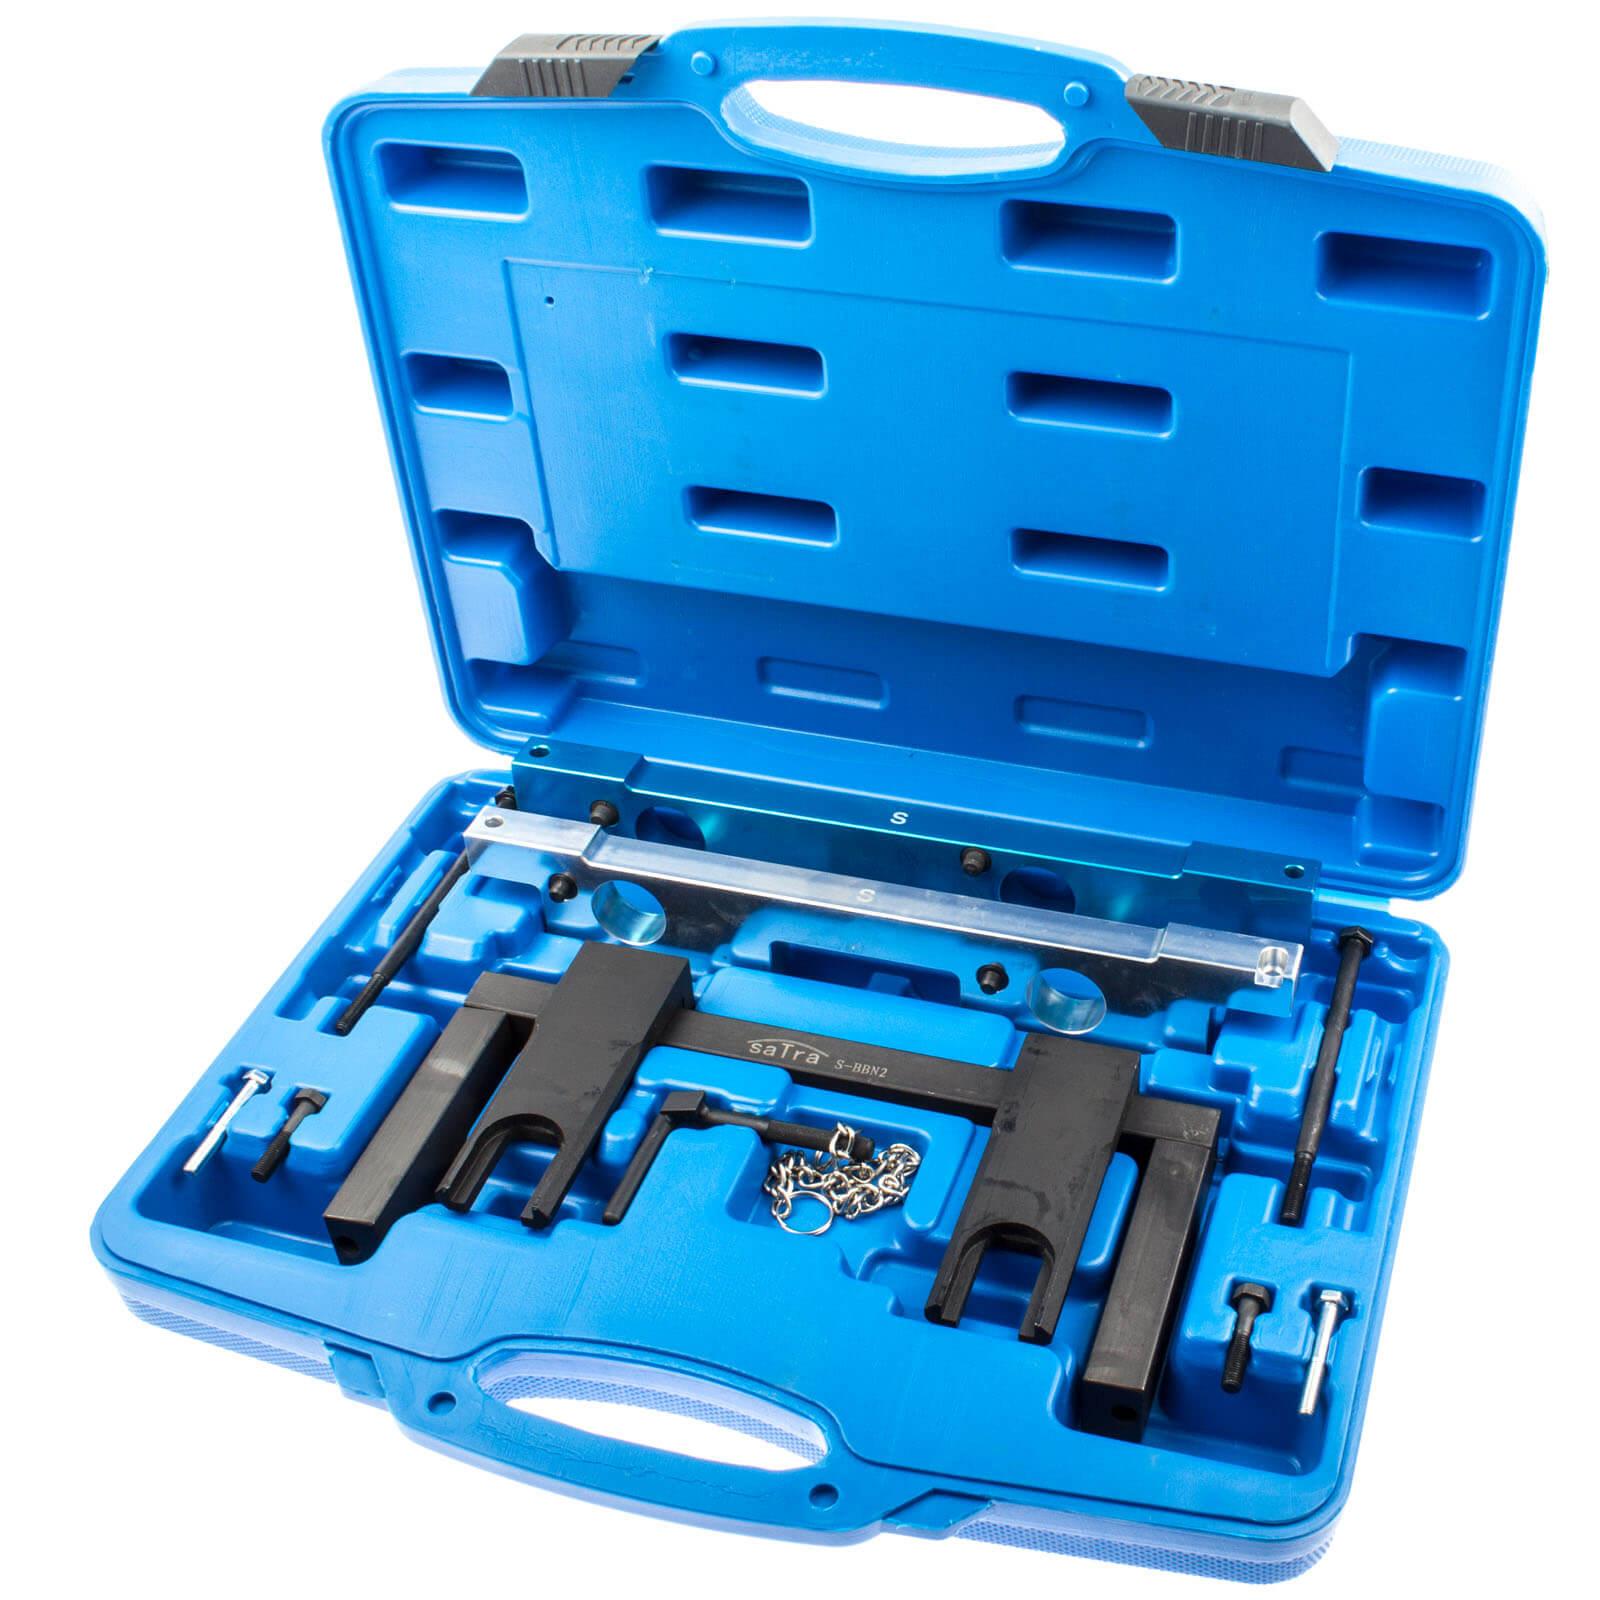 Motor Adjustment Tool BMW N51 N52 N53 N54 E60 E90 Camshaft